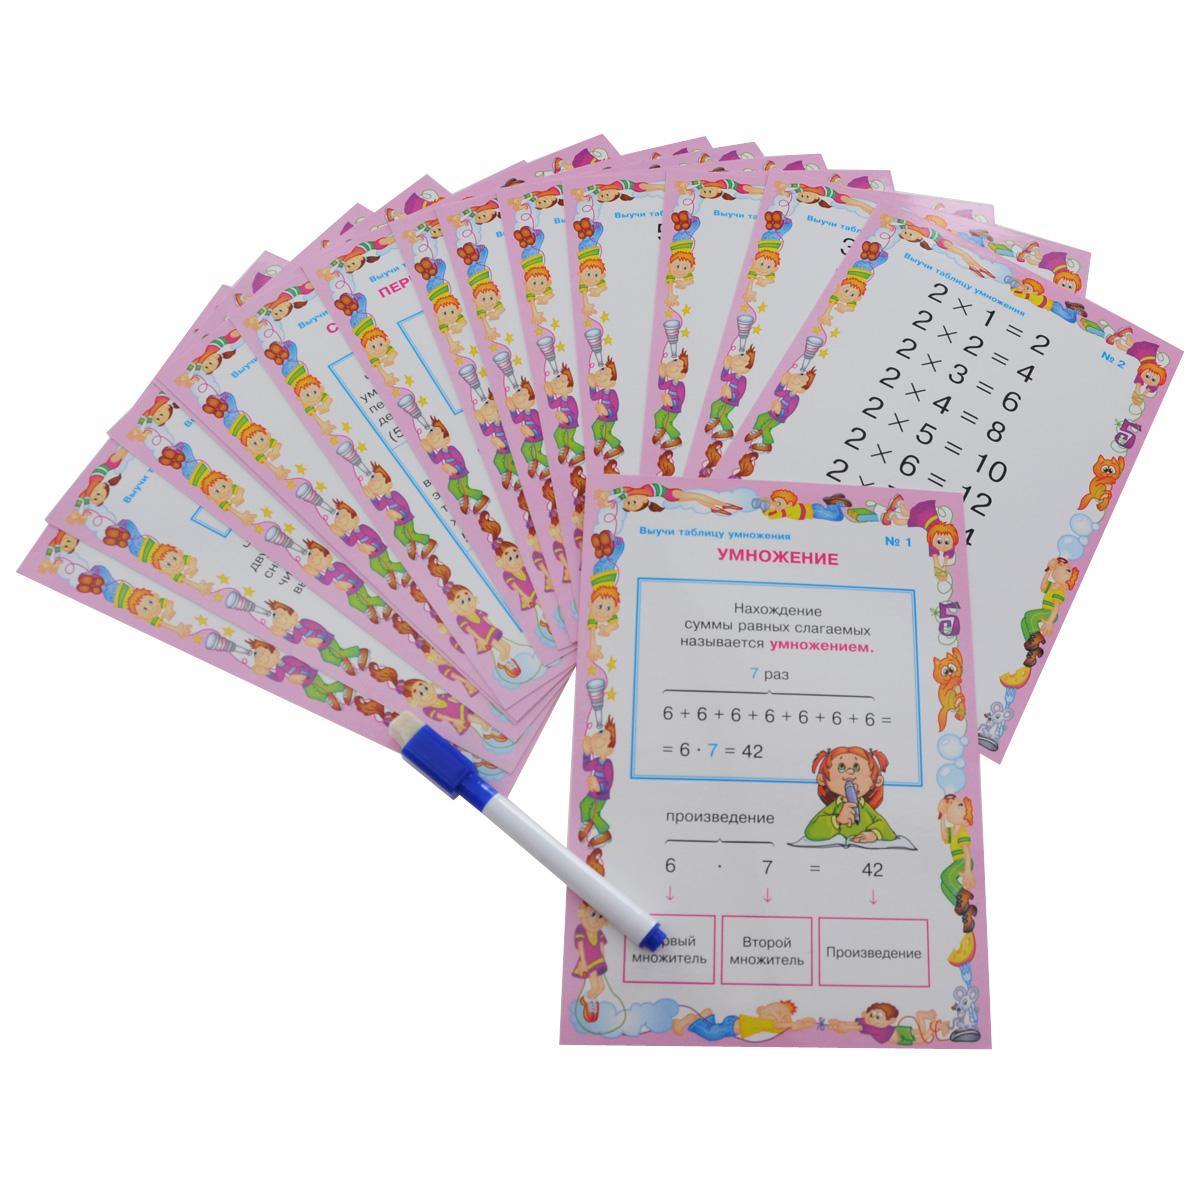 Математика. 2-3 классы. Выучи таблицу умножения (набор из 16 карточек)